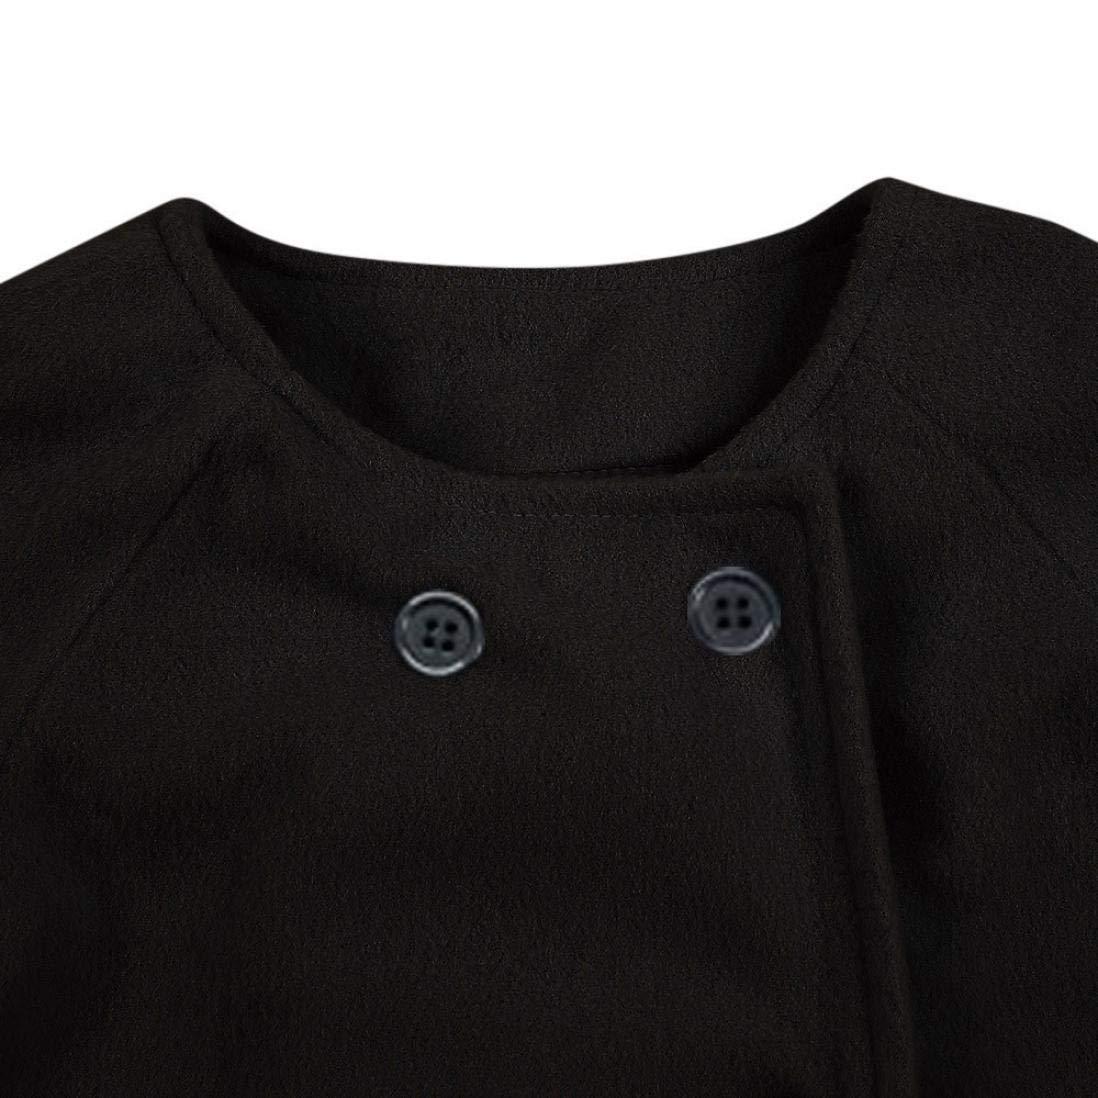 Abrigos beb/é ❤️ Modaworld Oto/ño Invierno Ni/ñas Ni/ños Beb/é Outwear Chaqueta de bot/ón de Capa Ropa de Abrigo Caliente Gruesa Ropa Beb/és 0-5 a/ños